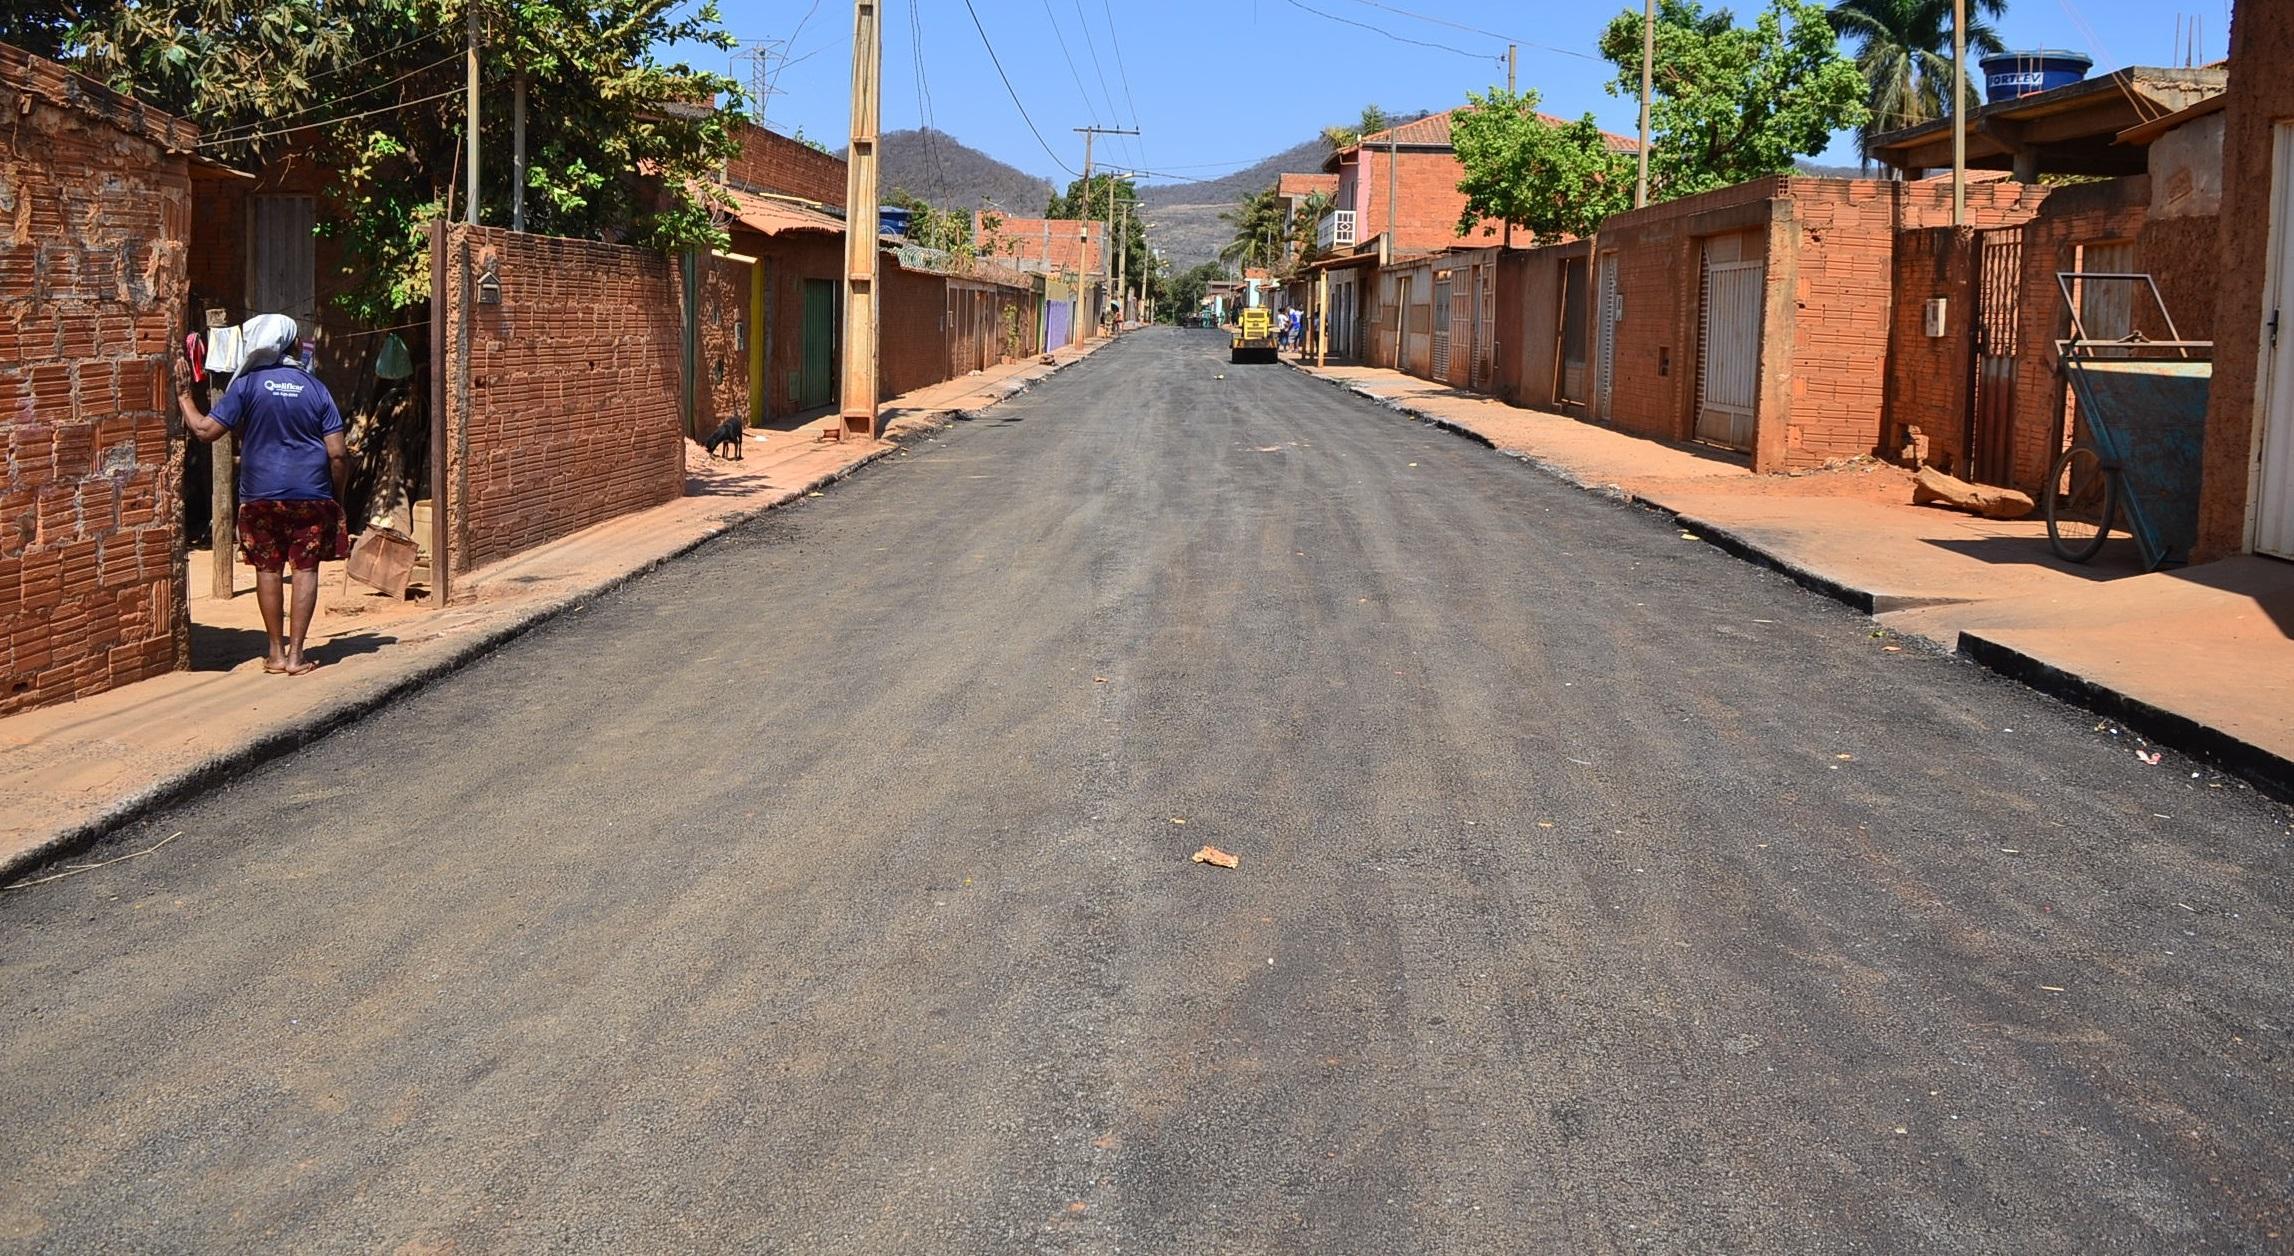 Imagem de destaque Prefeitura asfalta importante avenida na Vila Castelo Branco